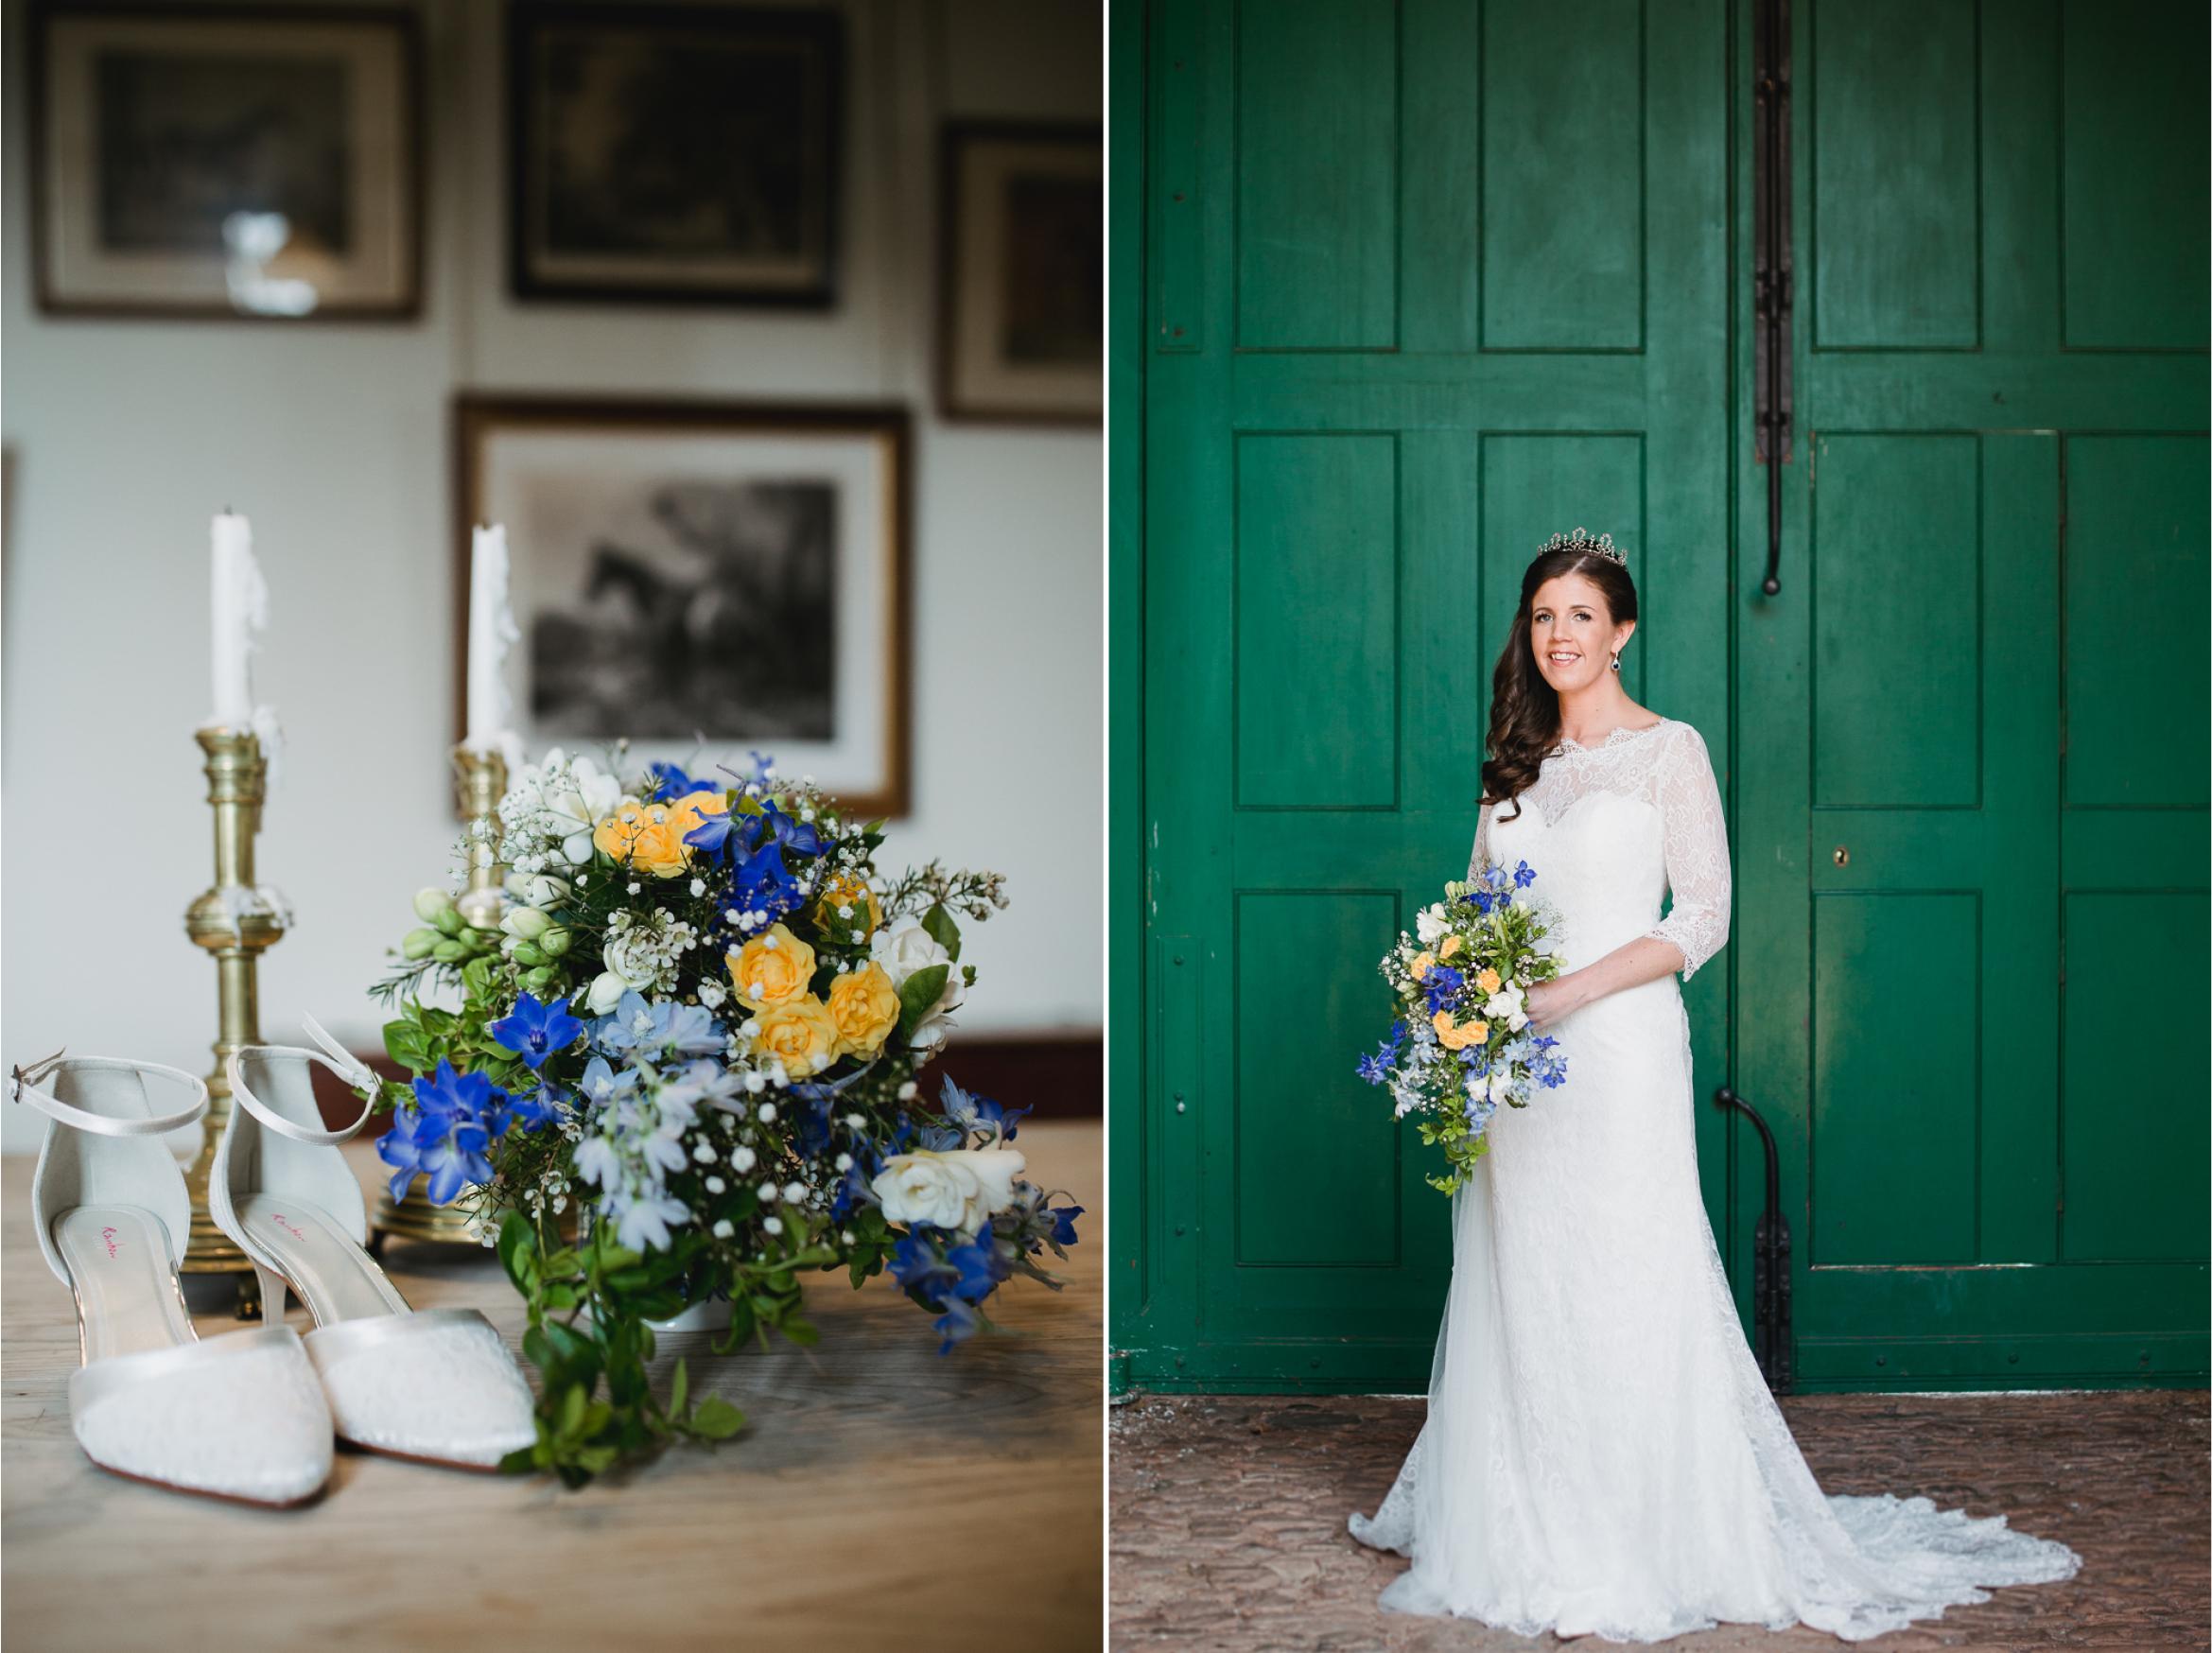 Bride_Wedding_Photography_Devon.jpg